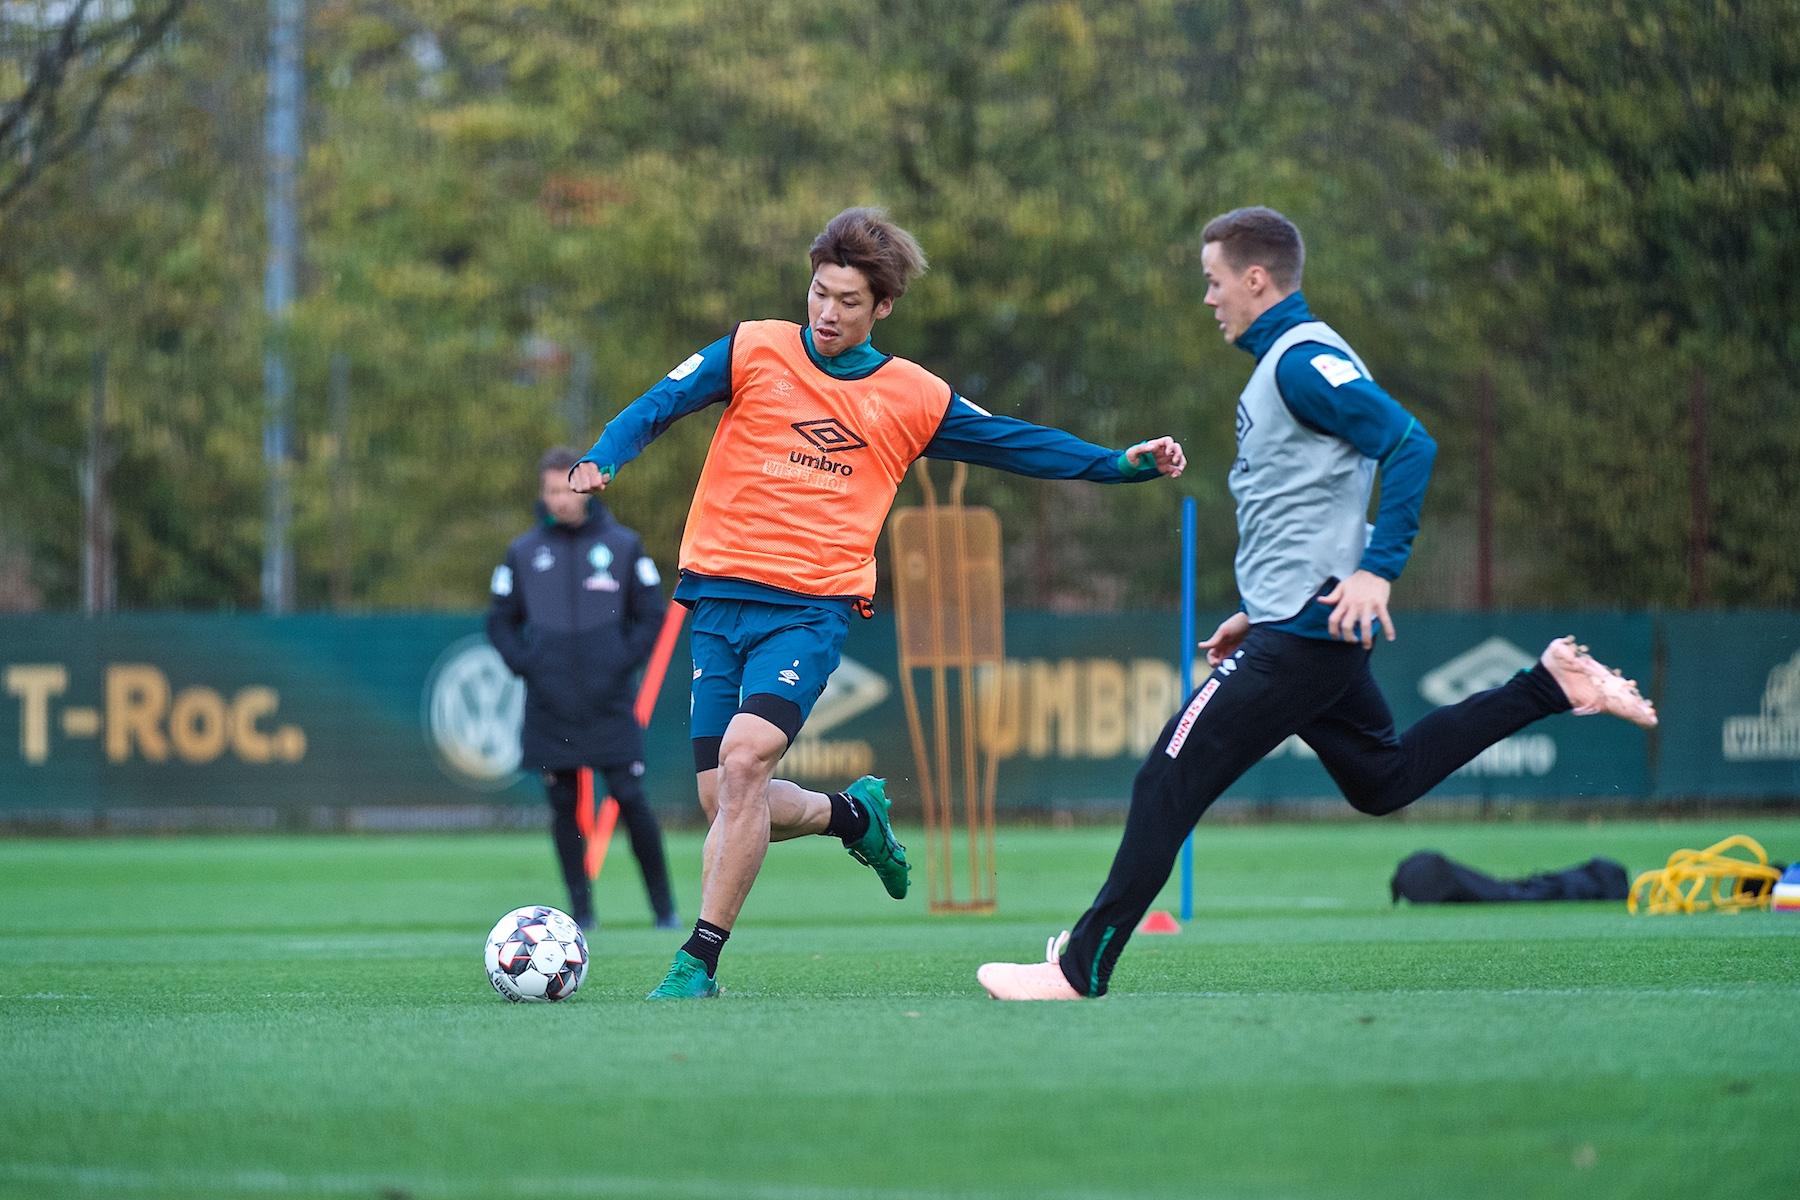 Г¶ffentliches Training Werder Bremen 2021